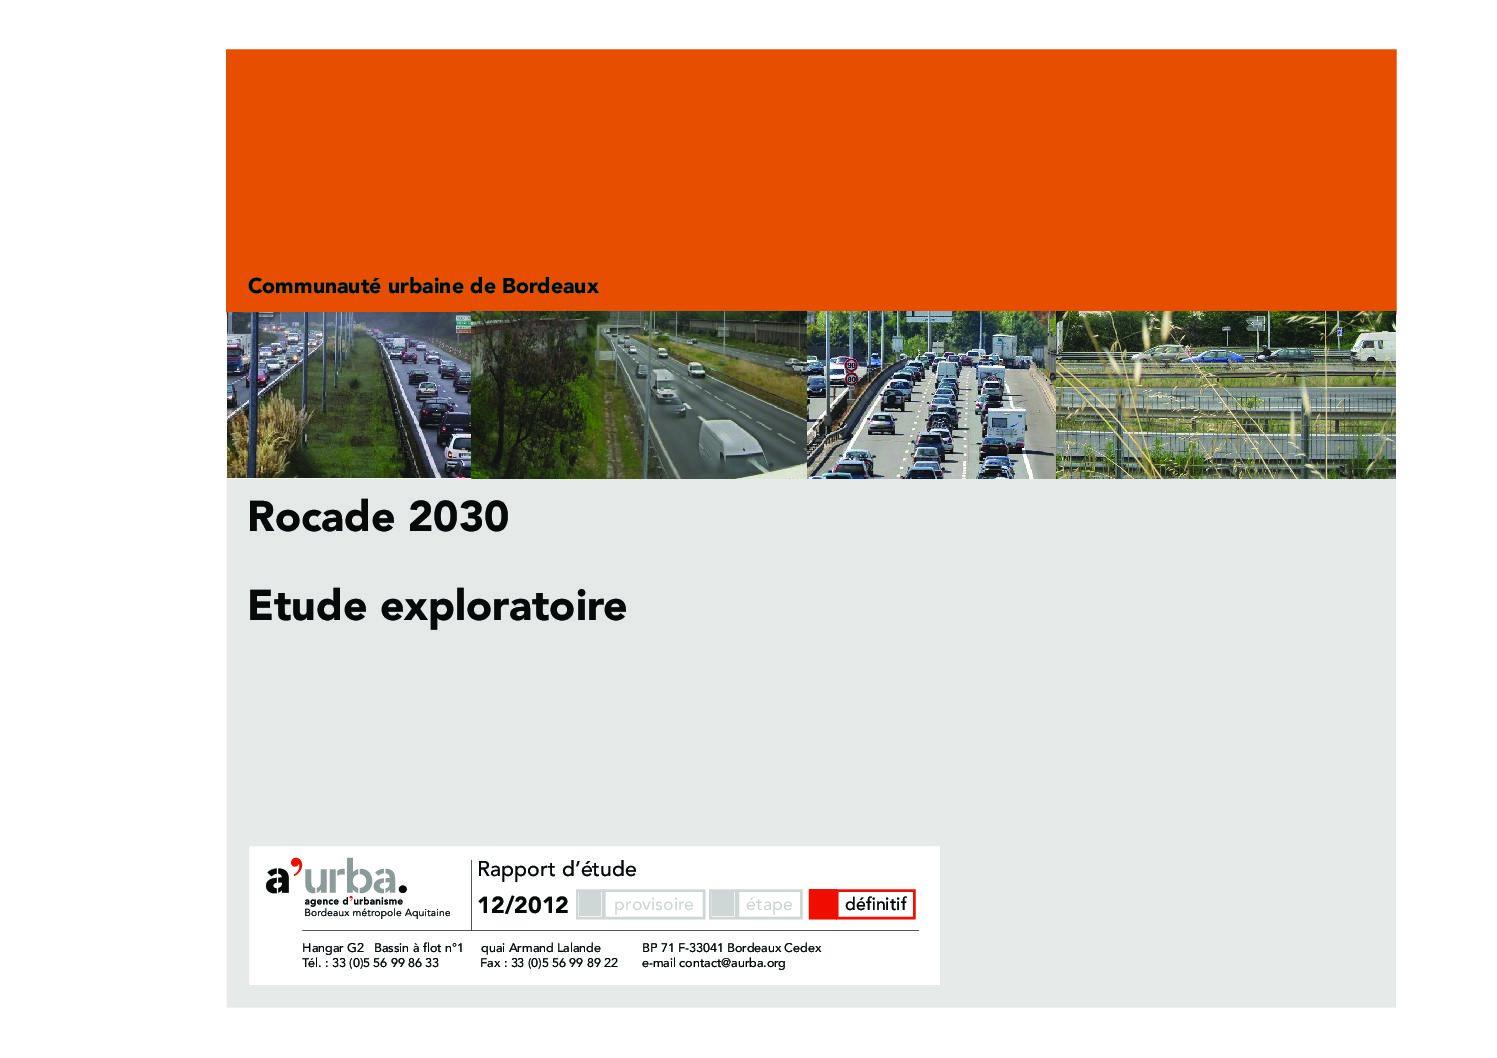 Rocade 2030 a 39 urba agence d 39 urbanisme bordeaux for Agence urbanisme paysage bordeaux